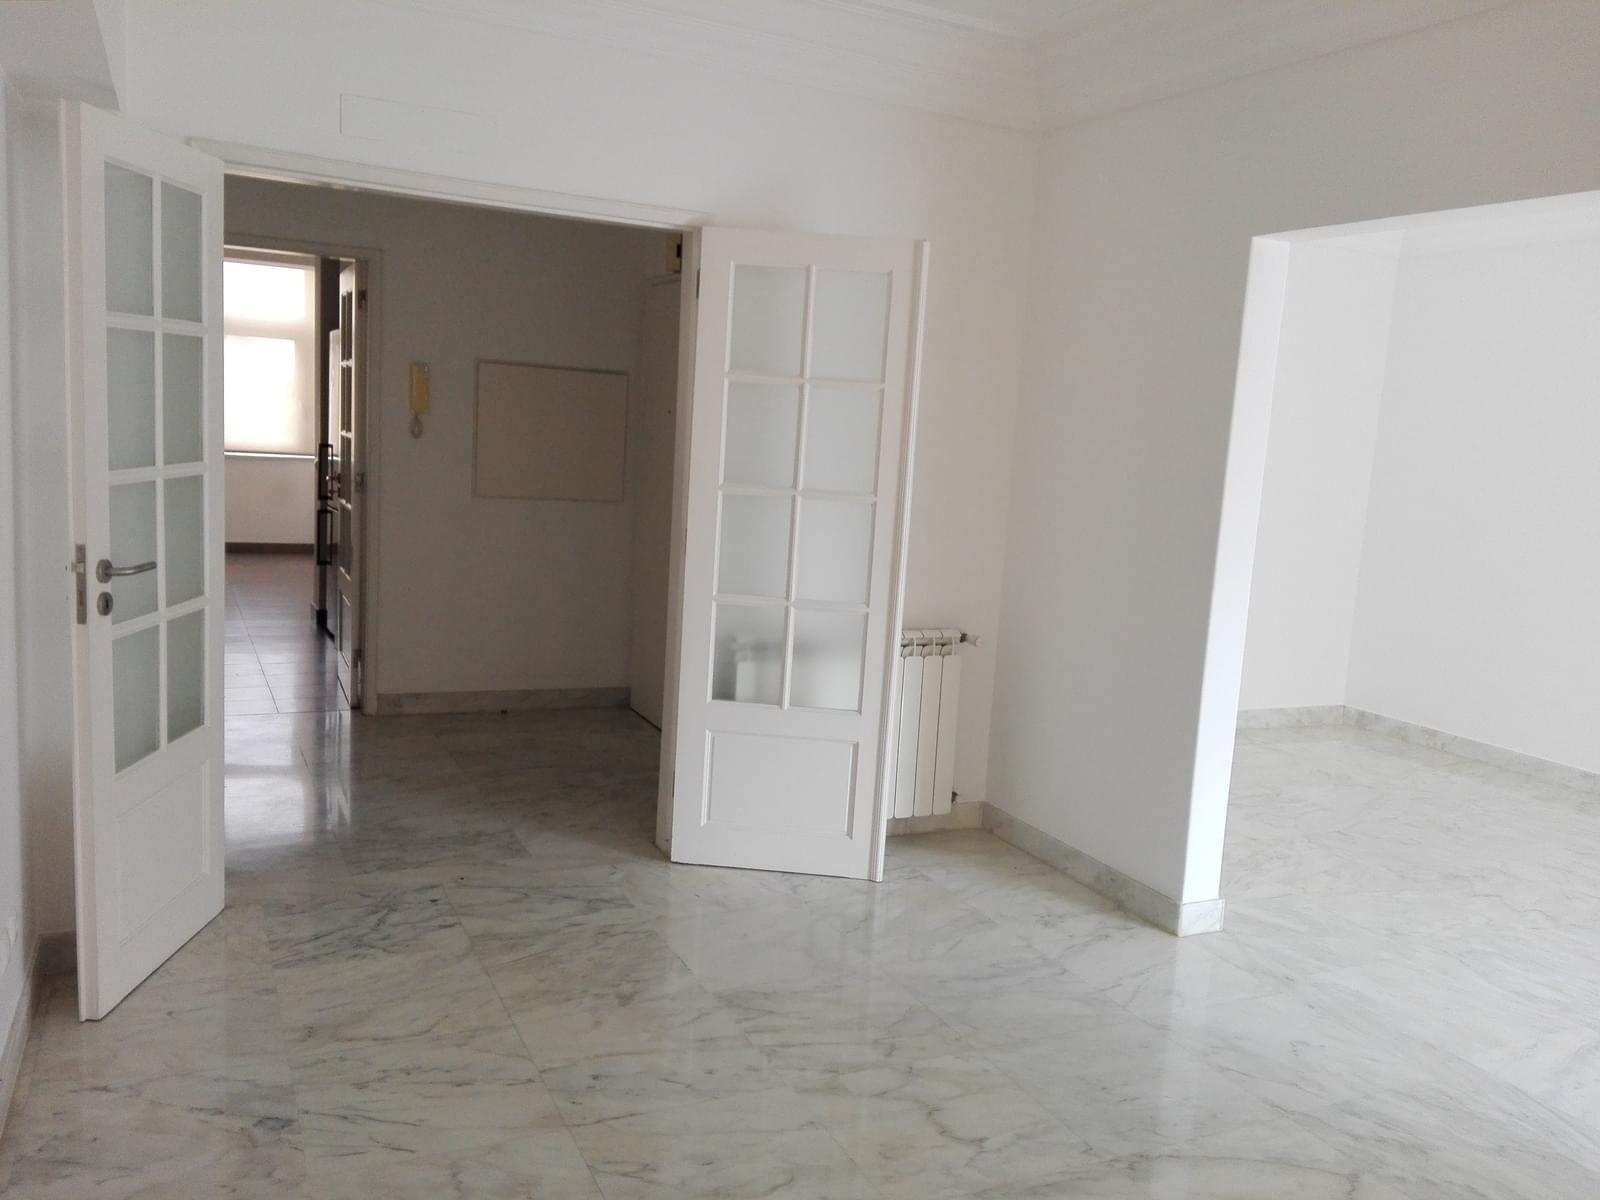 pf17056-apartamento-t4-1-lisboa-557ec7a5-0e29-4936-8500-4bee69029f81